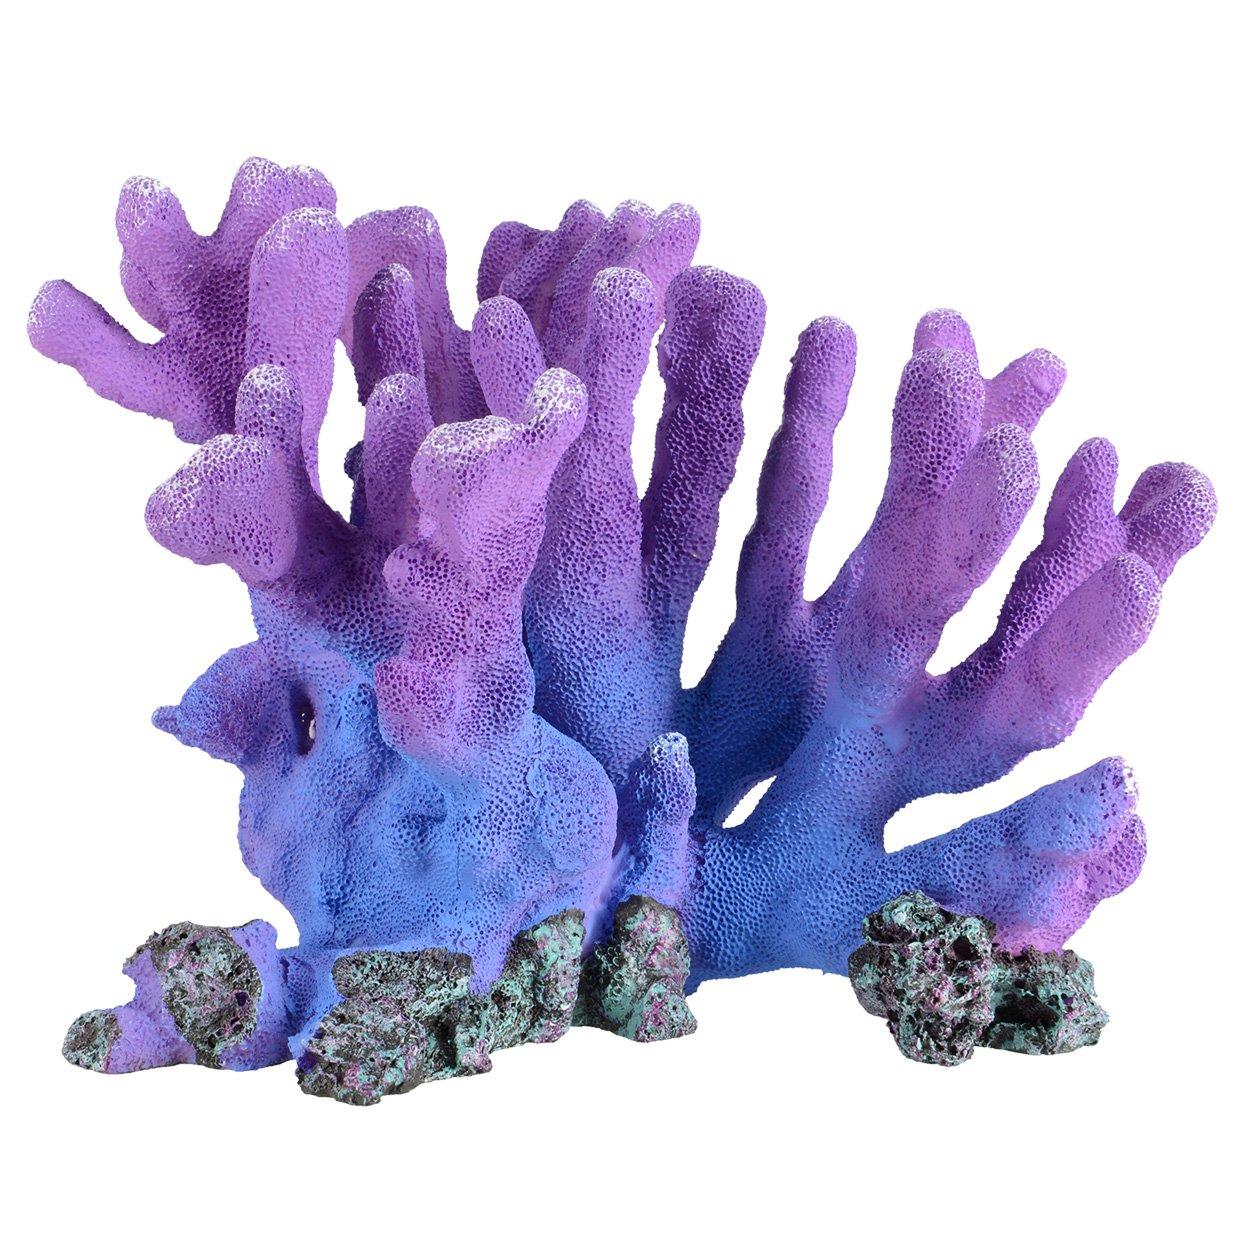 Underwater Treasures Branch Coral - Purple by Underwater Treasures